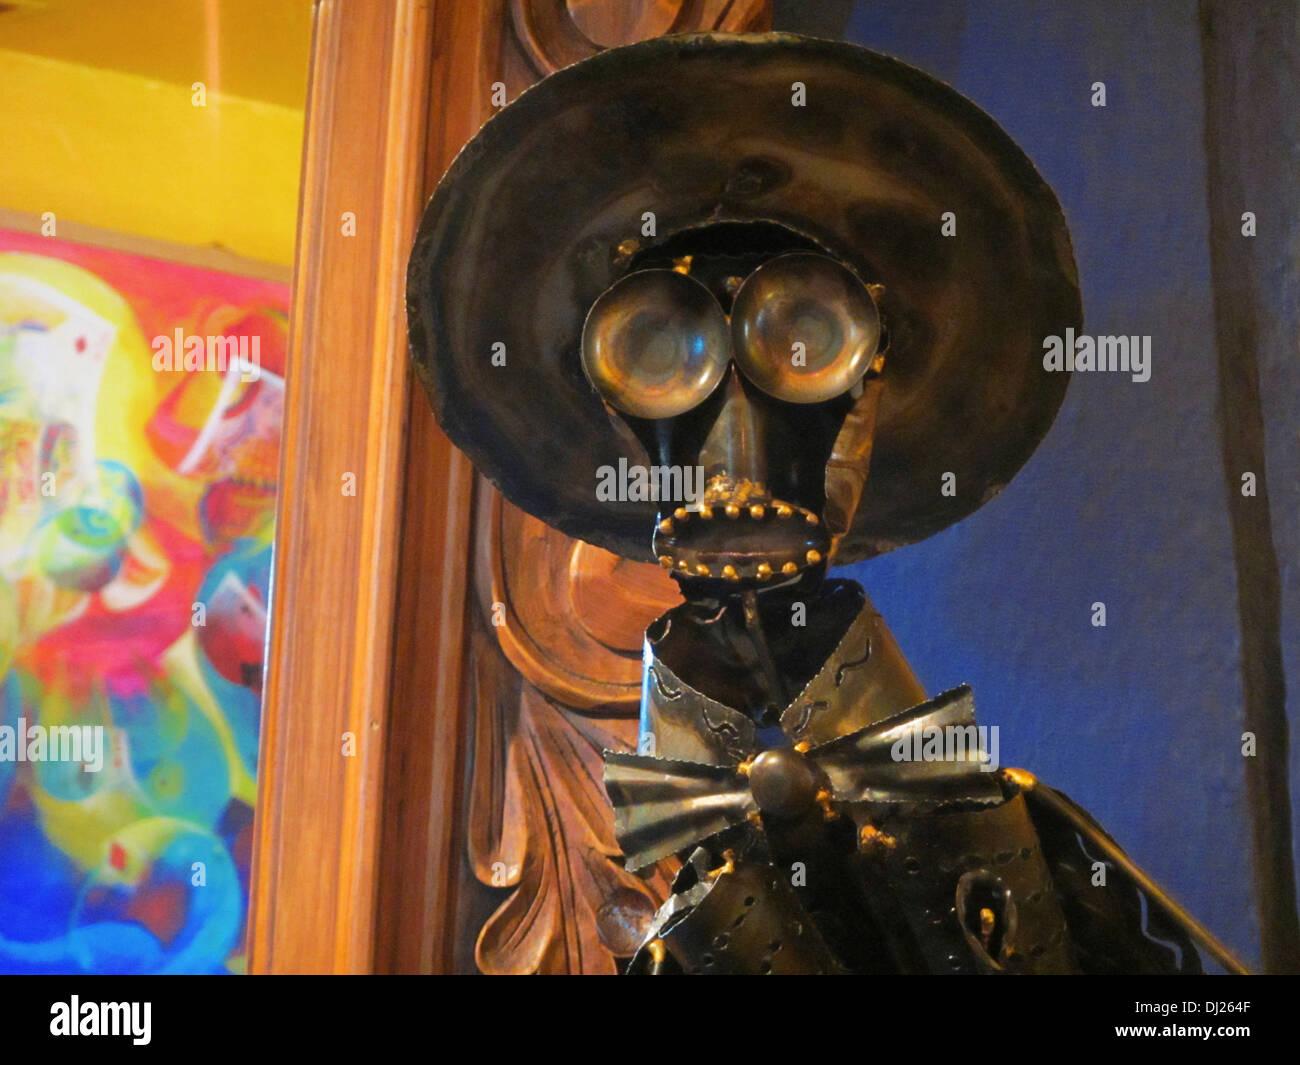 Una scultura realizzata per il giorno dei morti o Día de Muertos vacanza in Messico. Foto Stock